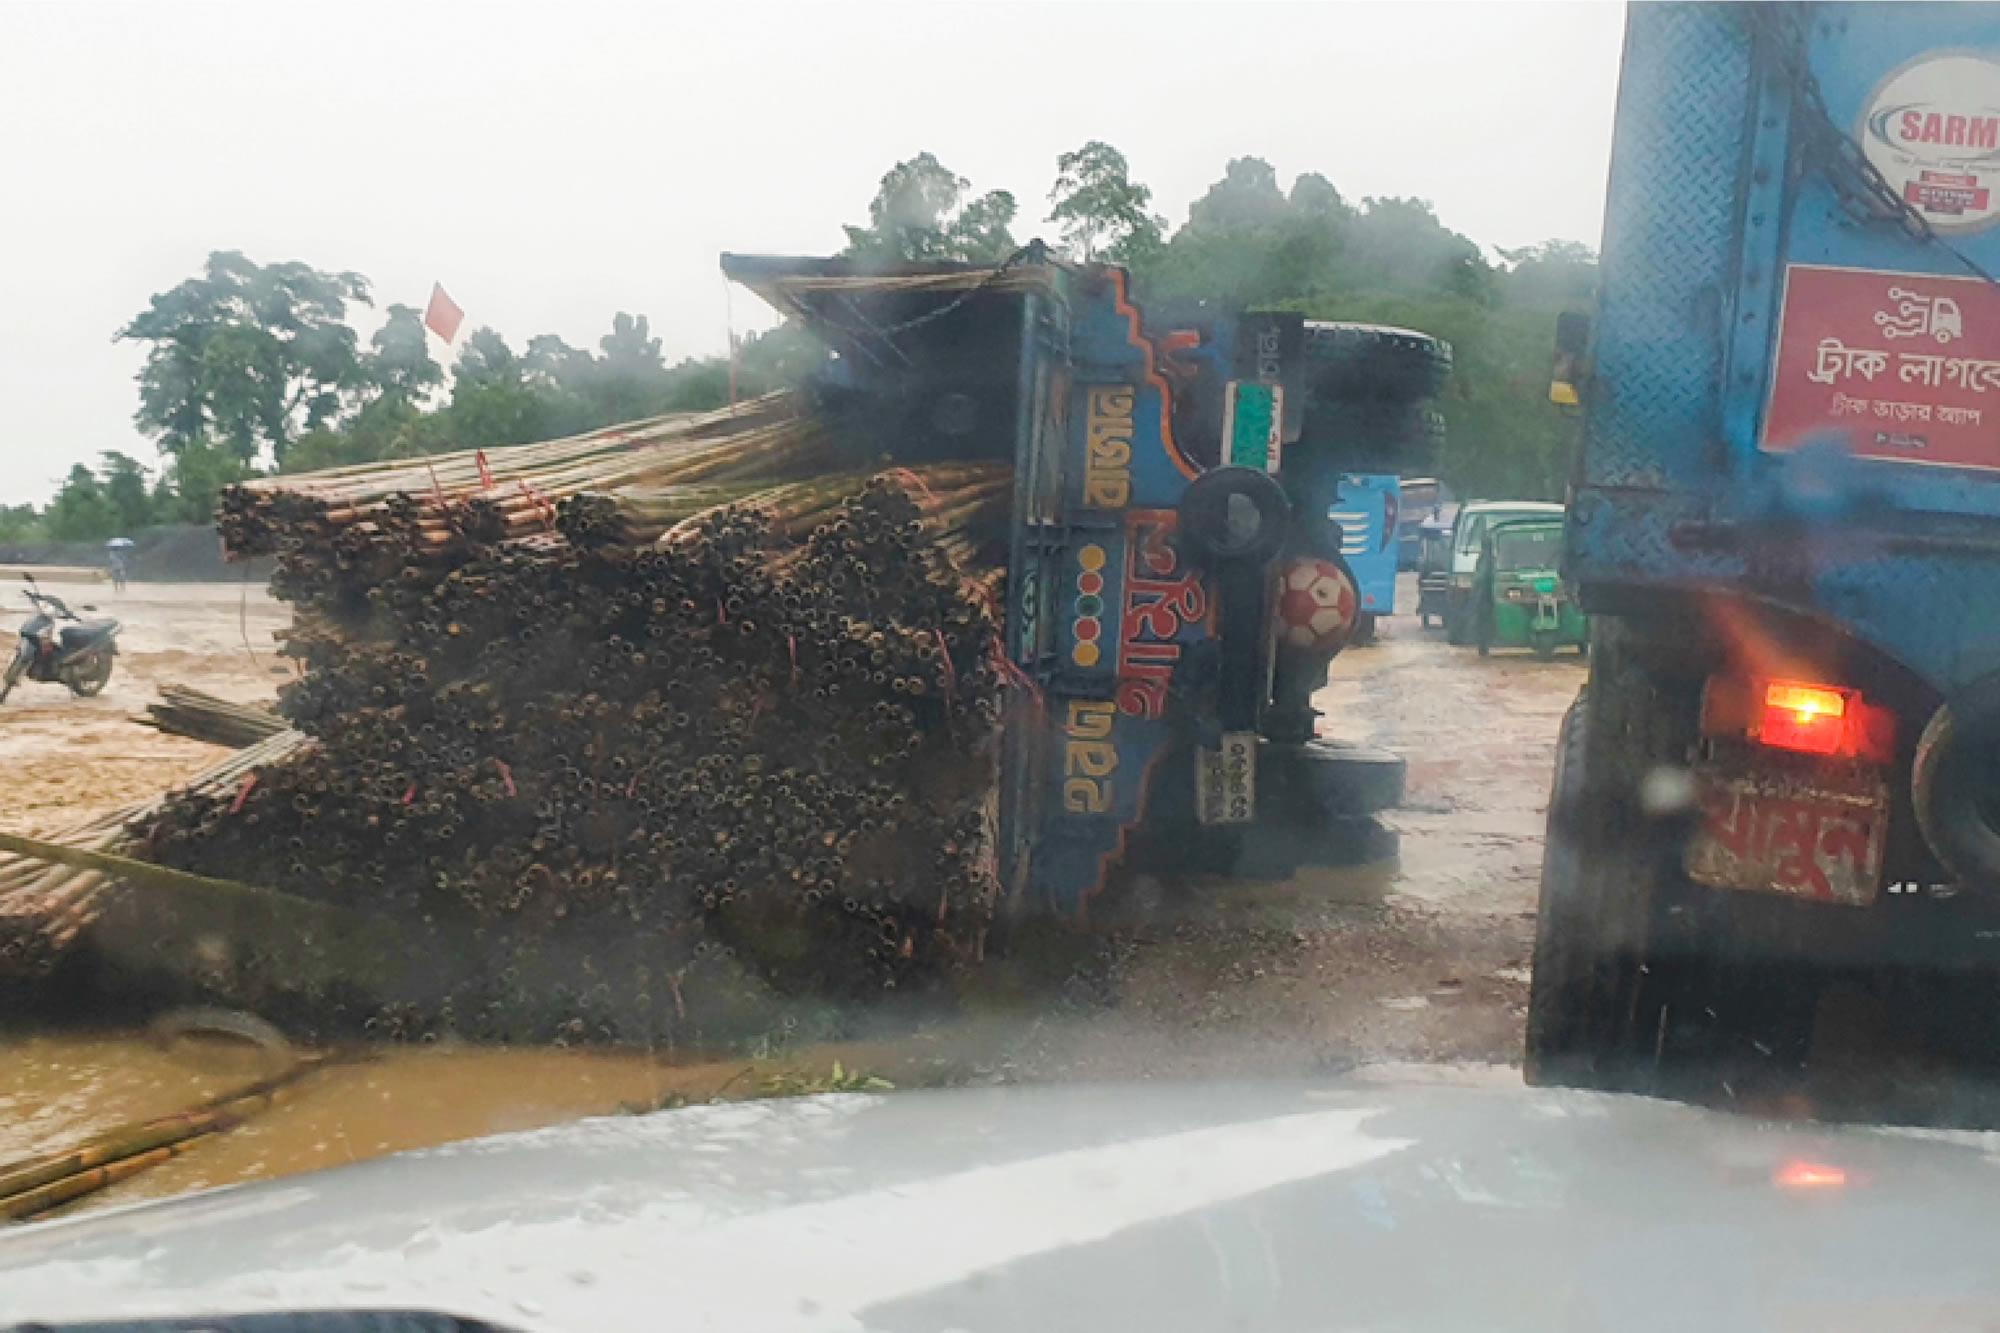 卡車載著沉甸甸的竹子在營區裡穿梭,用來搭建臨時棲身處和醫療設施。但因為道路泥濘不平,這輛卡車在我們的汽車前方側翻了。